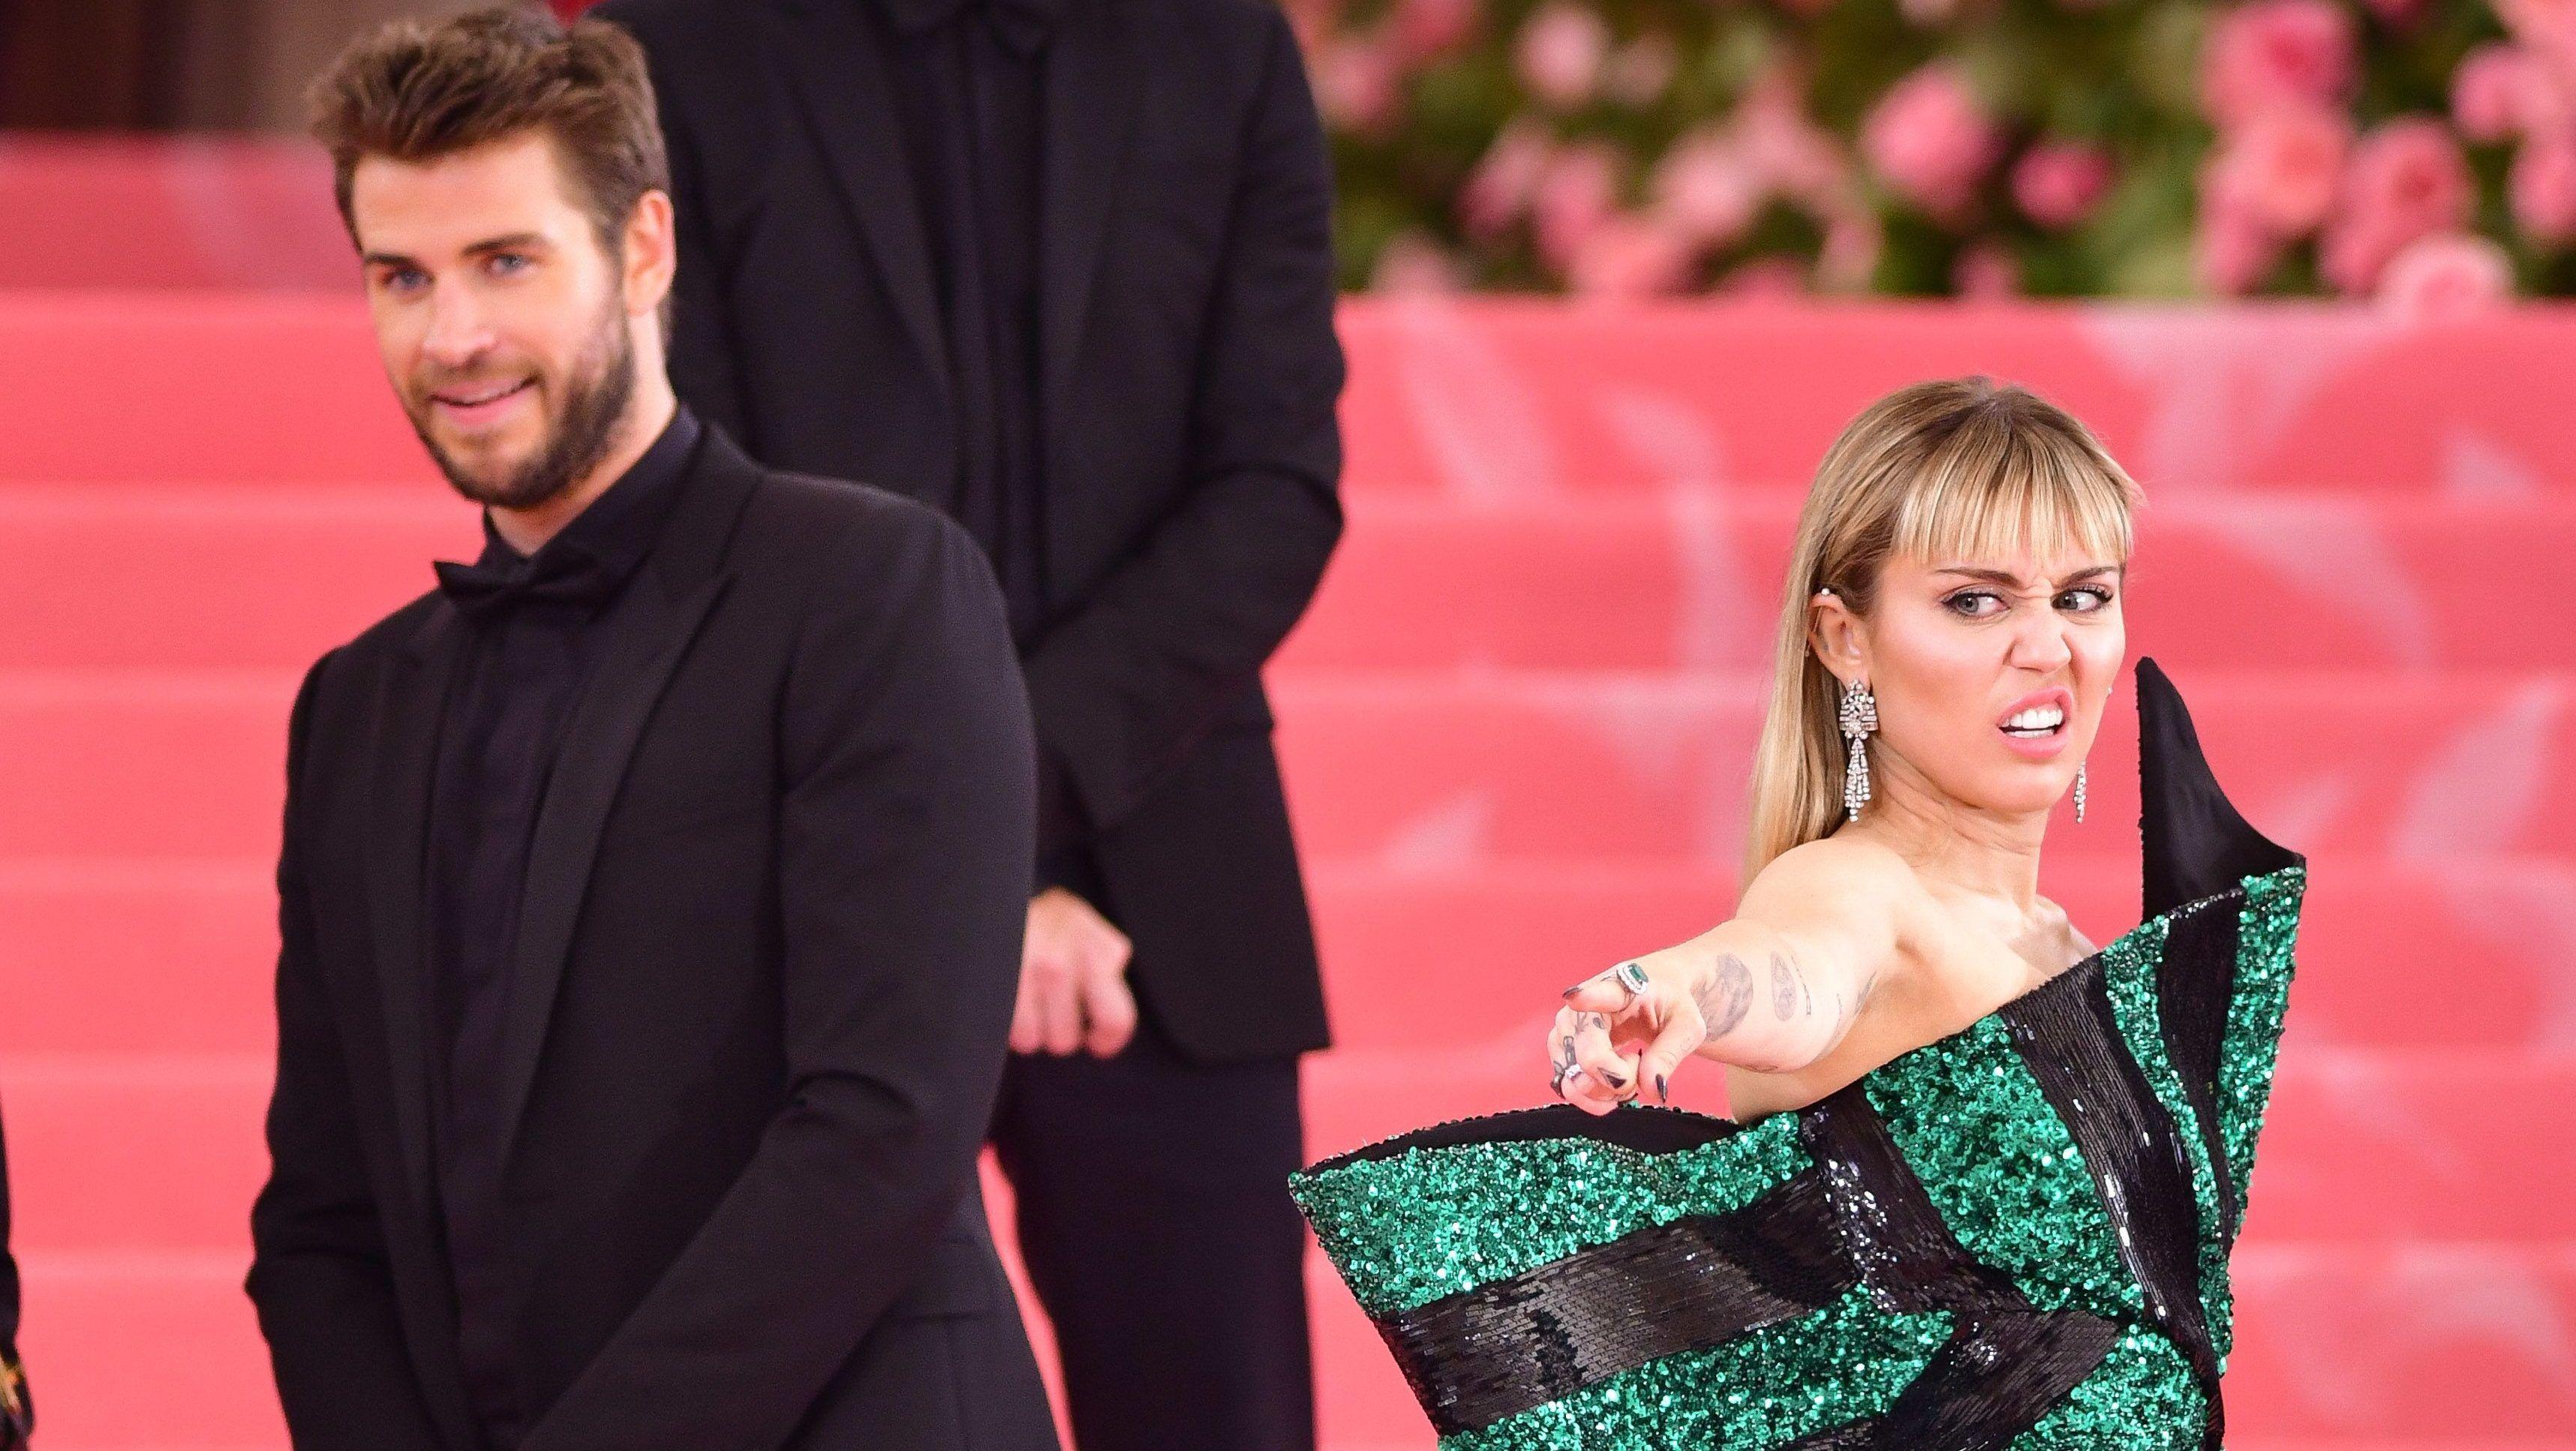 Egy hónapot még várjatok, ha házasságot ajánlanátok Miley Cyrusnak vagy Liam Hemsworthnek